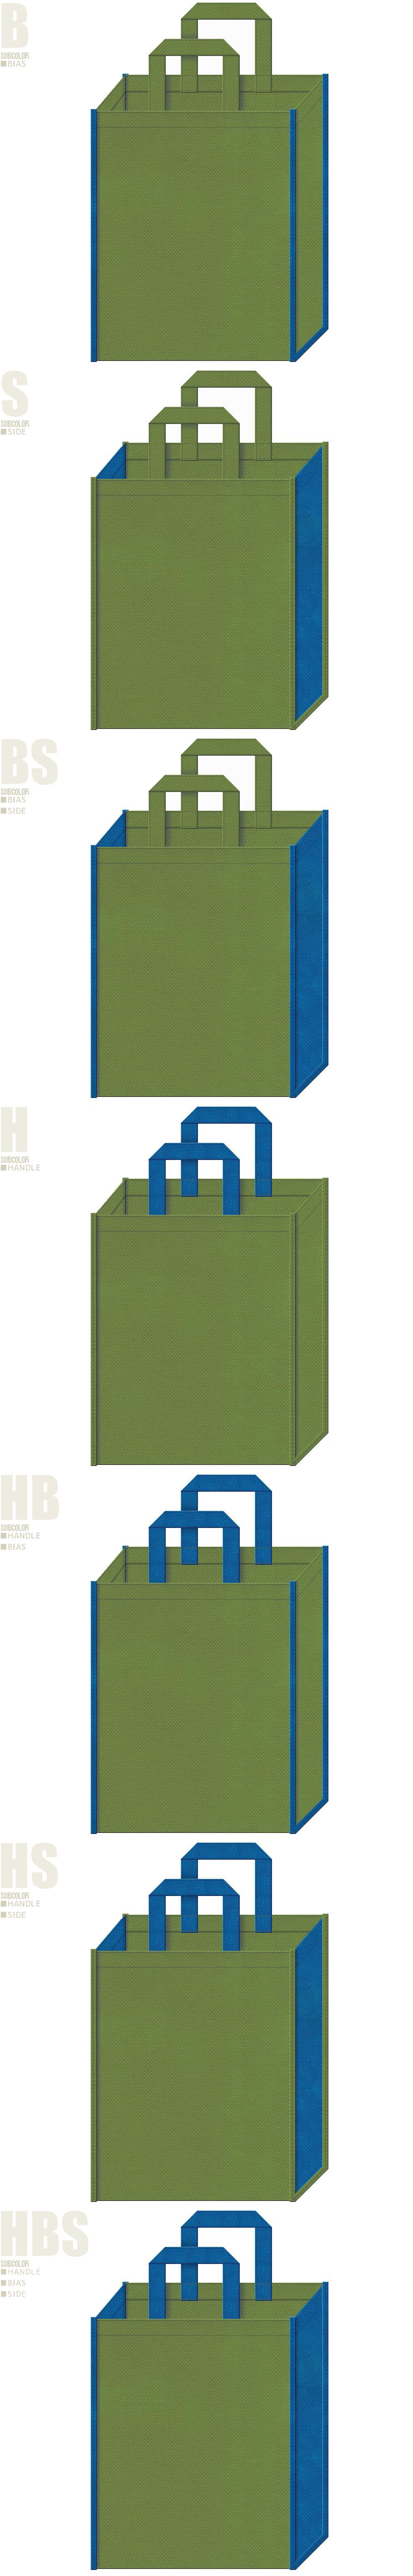 不織布バッグのデザイン:草色と青色の配色7パターン